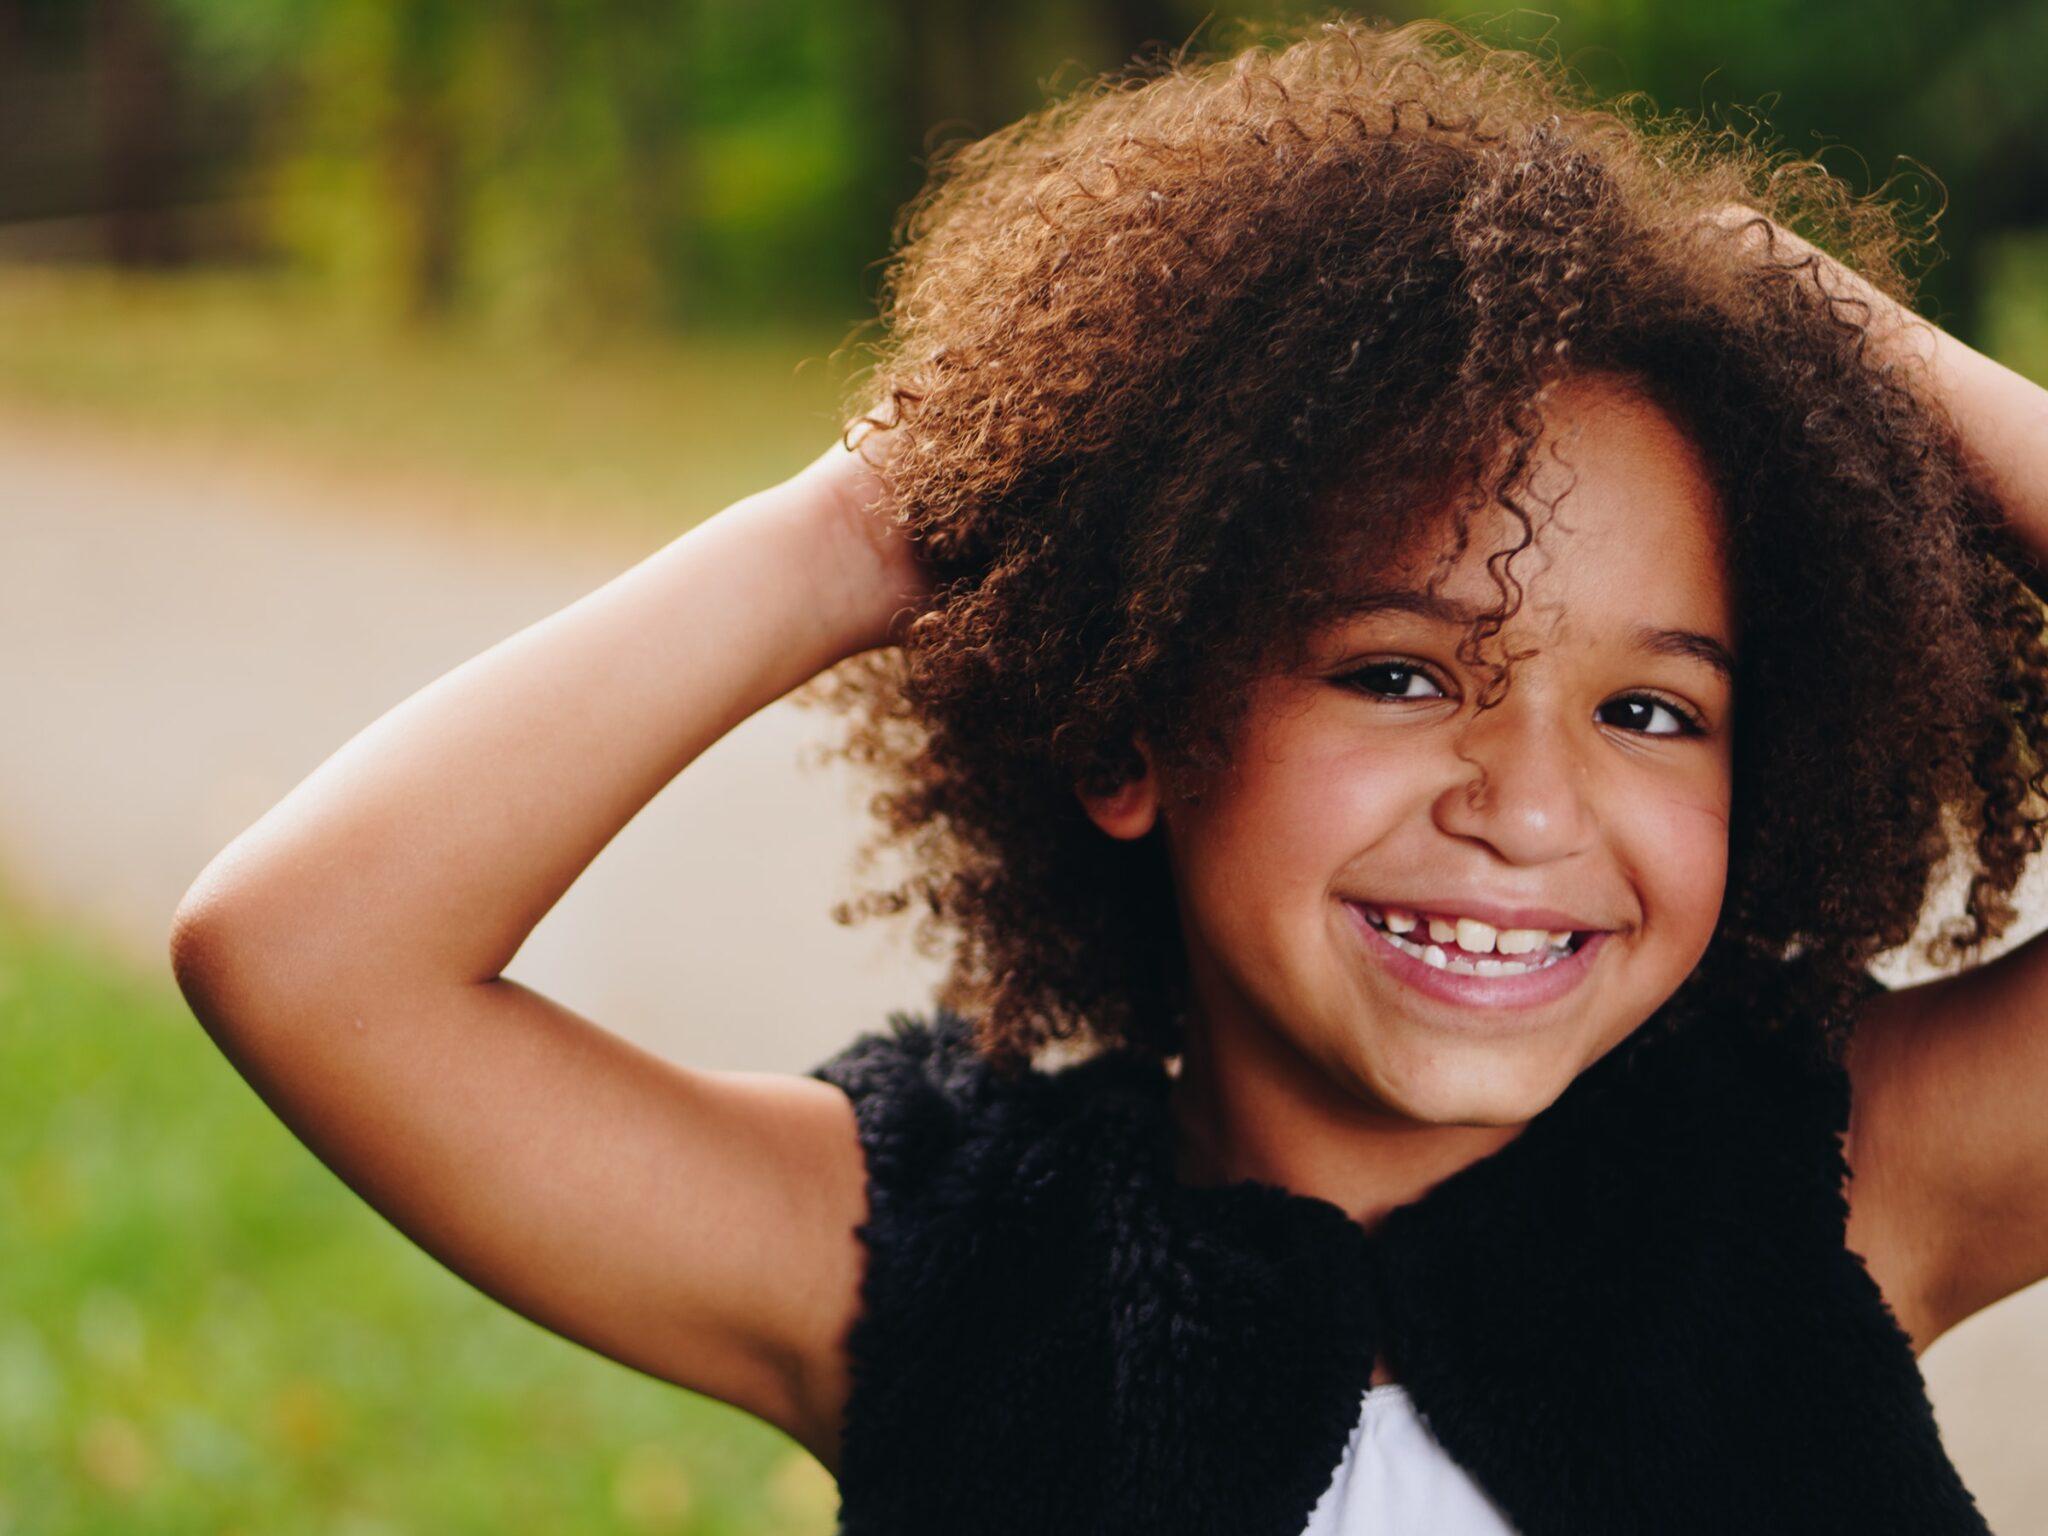 Mädchen mit Afro-Locken greift sich auslandend mit beiden Händen in die Haare und strahlt